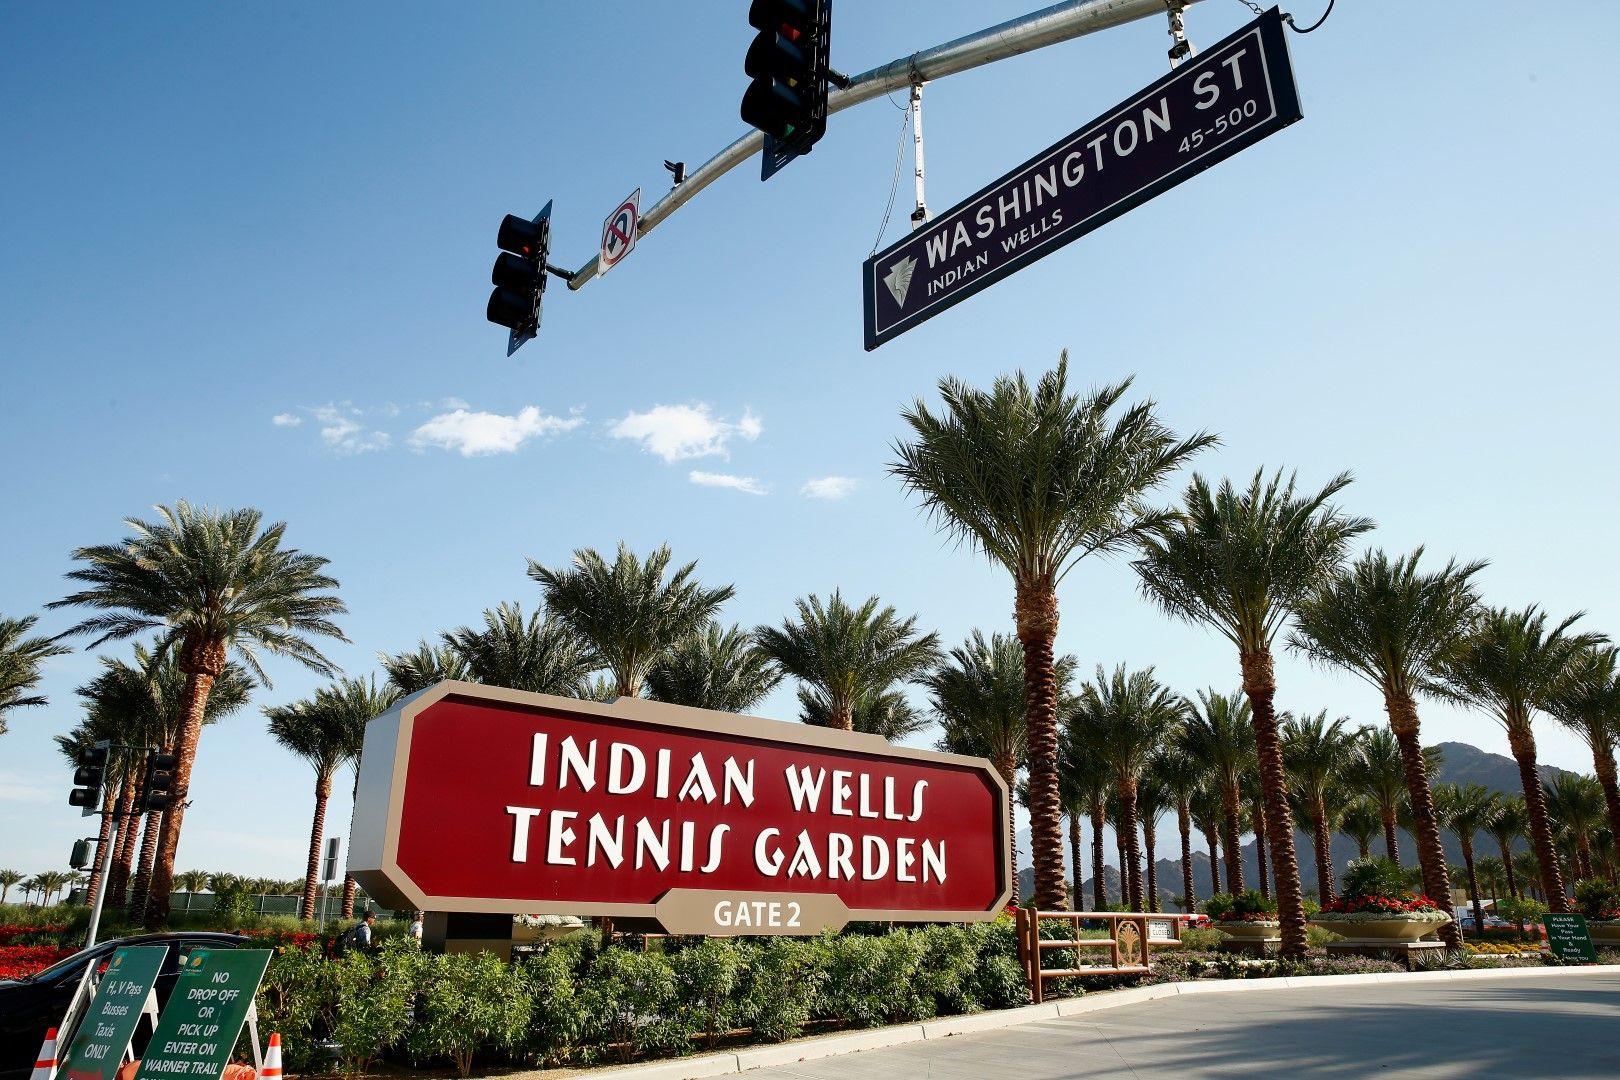 Това е Indian Wells Tennis Garden... Мястото наистина е специално